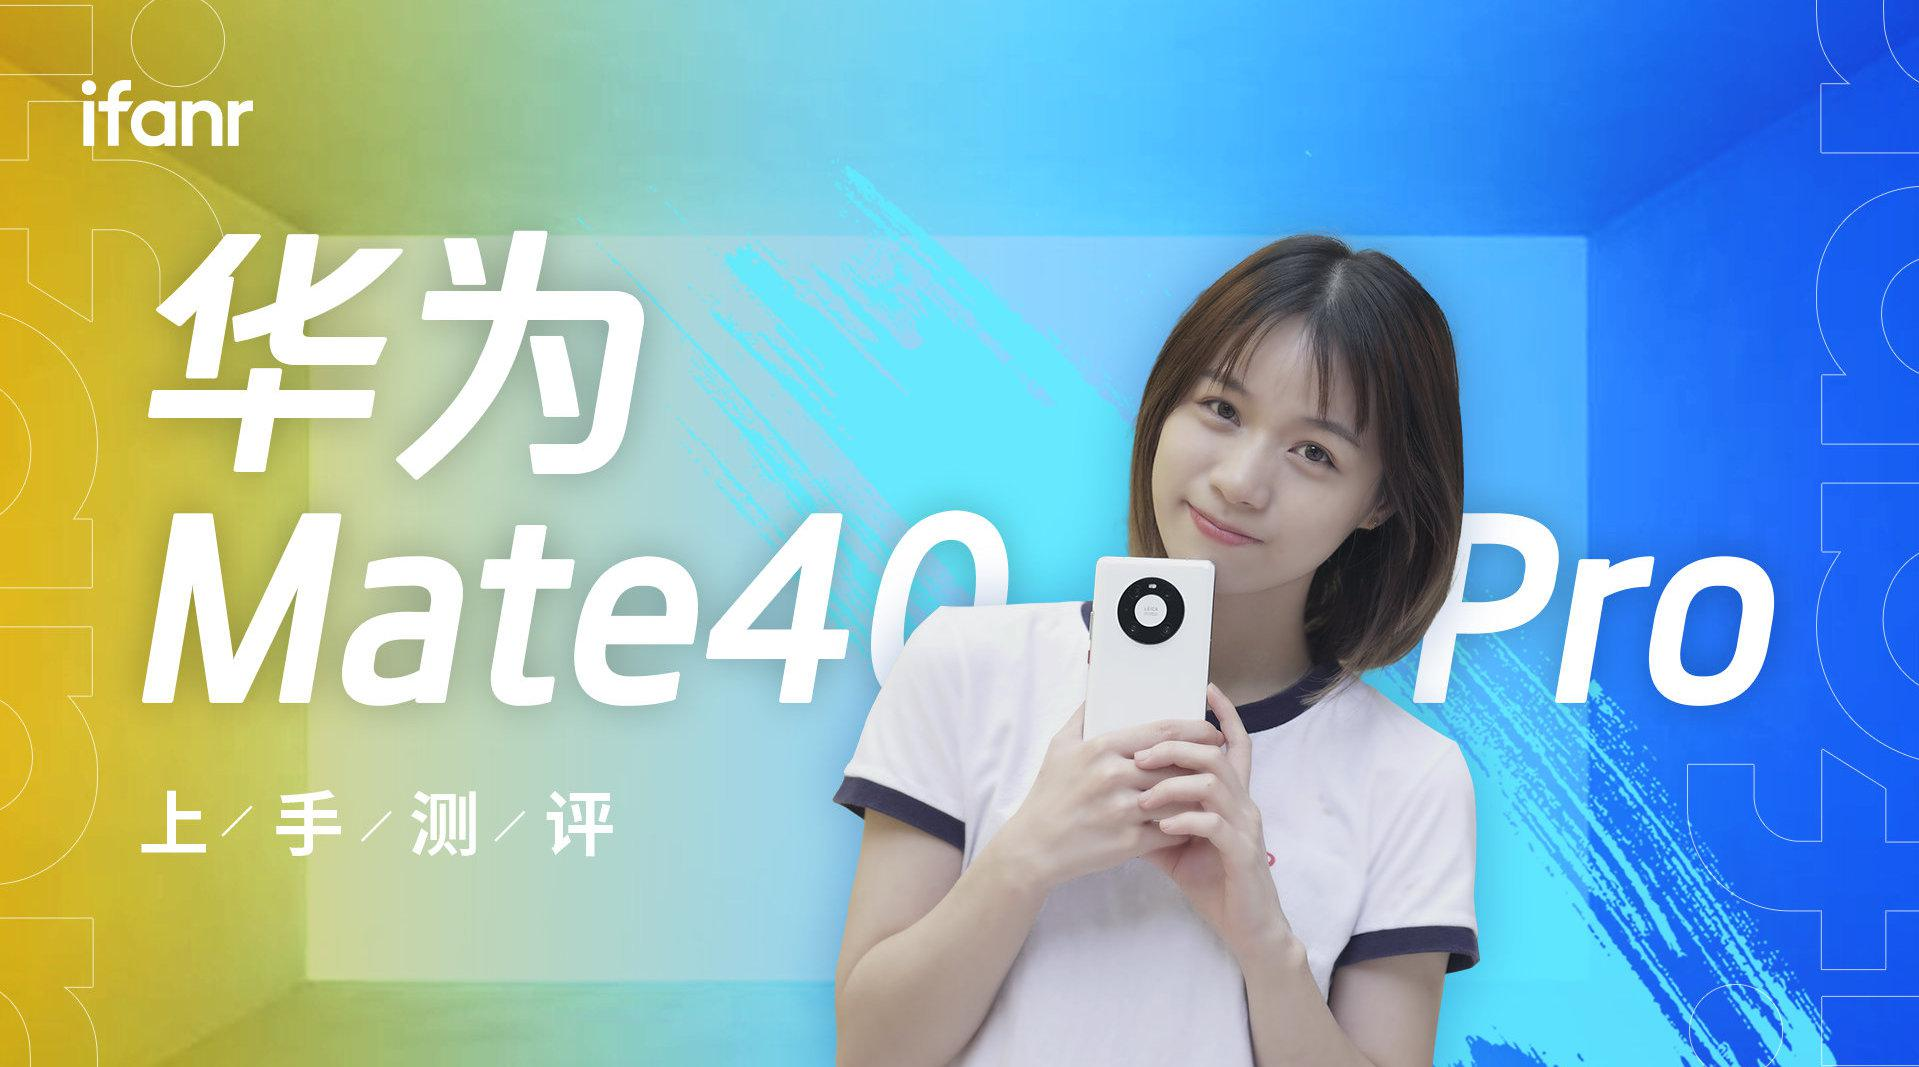 华为 Mate 40 Pro 评测:对比 iPhone 12 Pro,你关心的都在这里